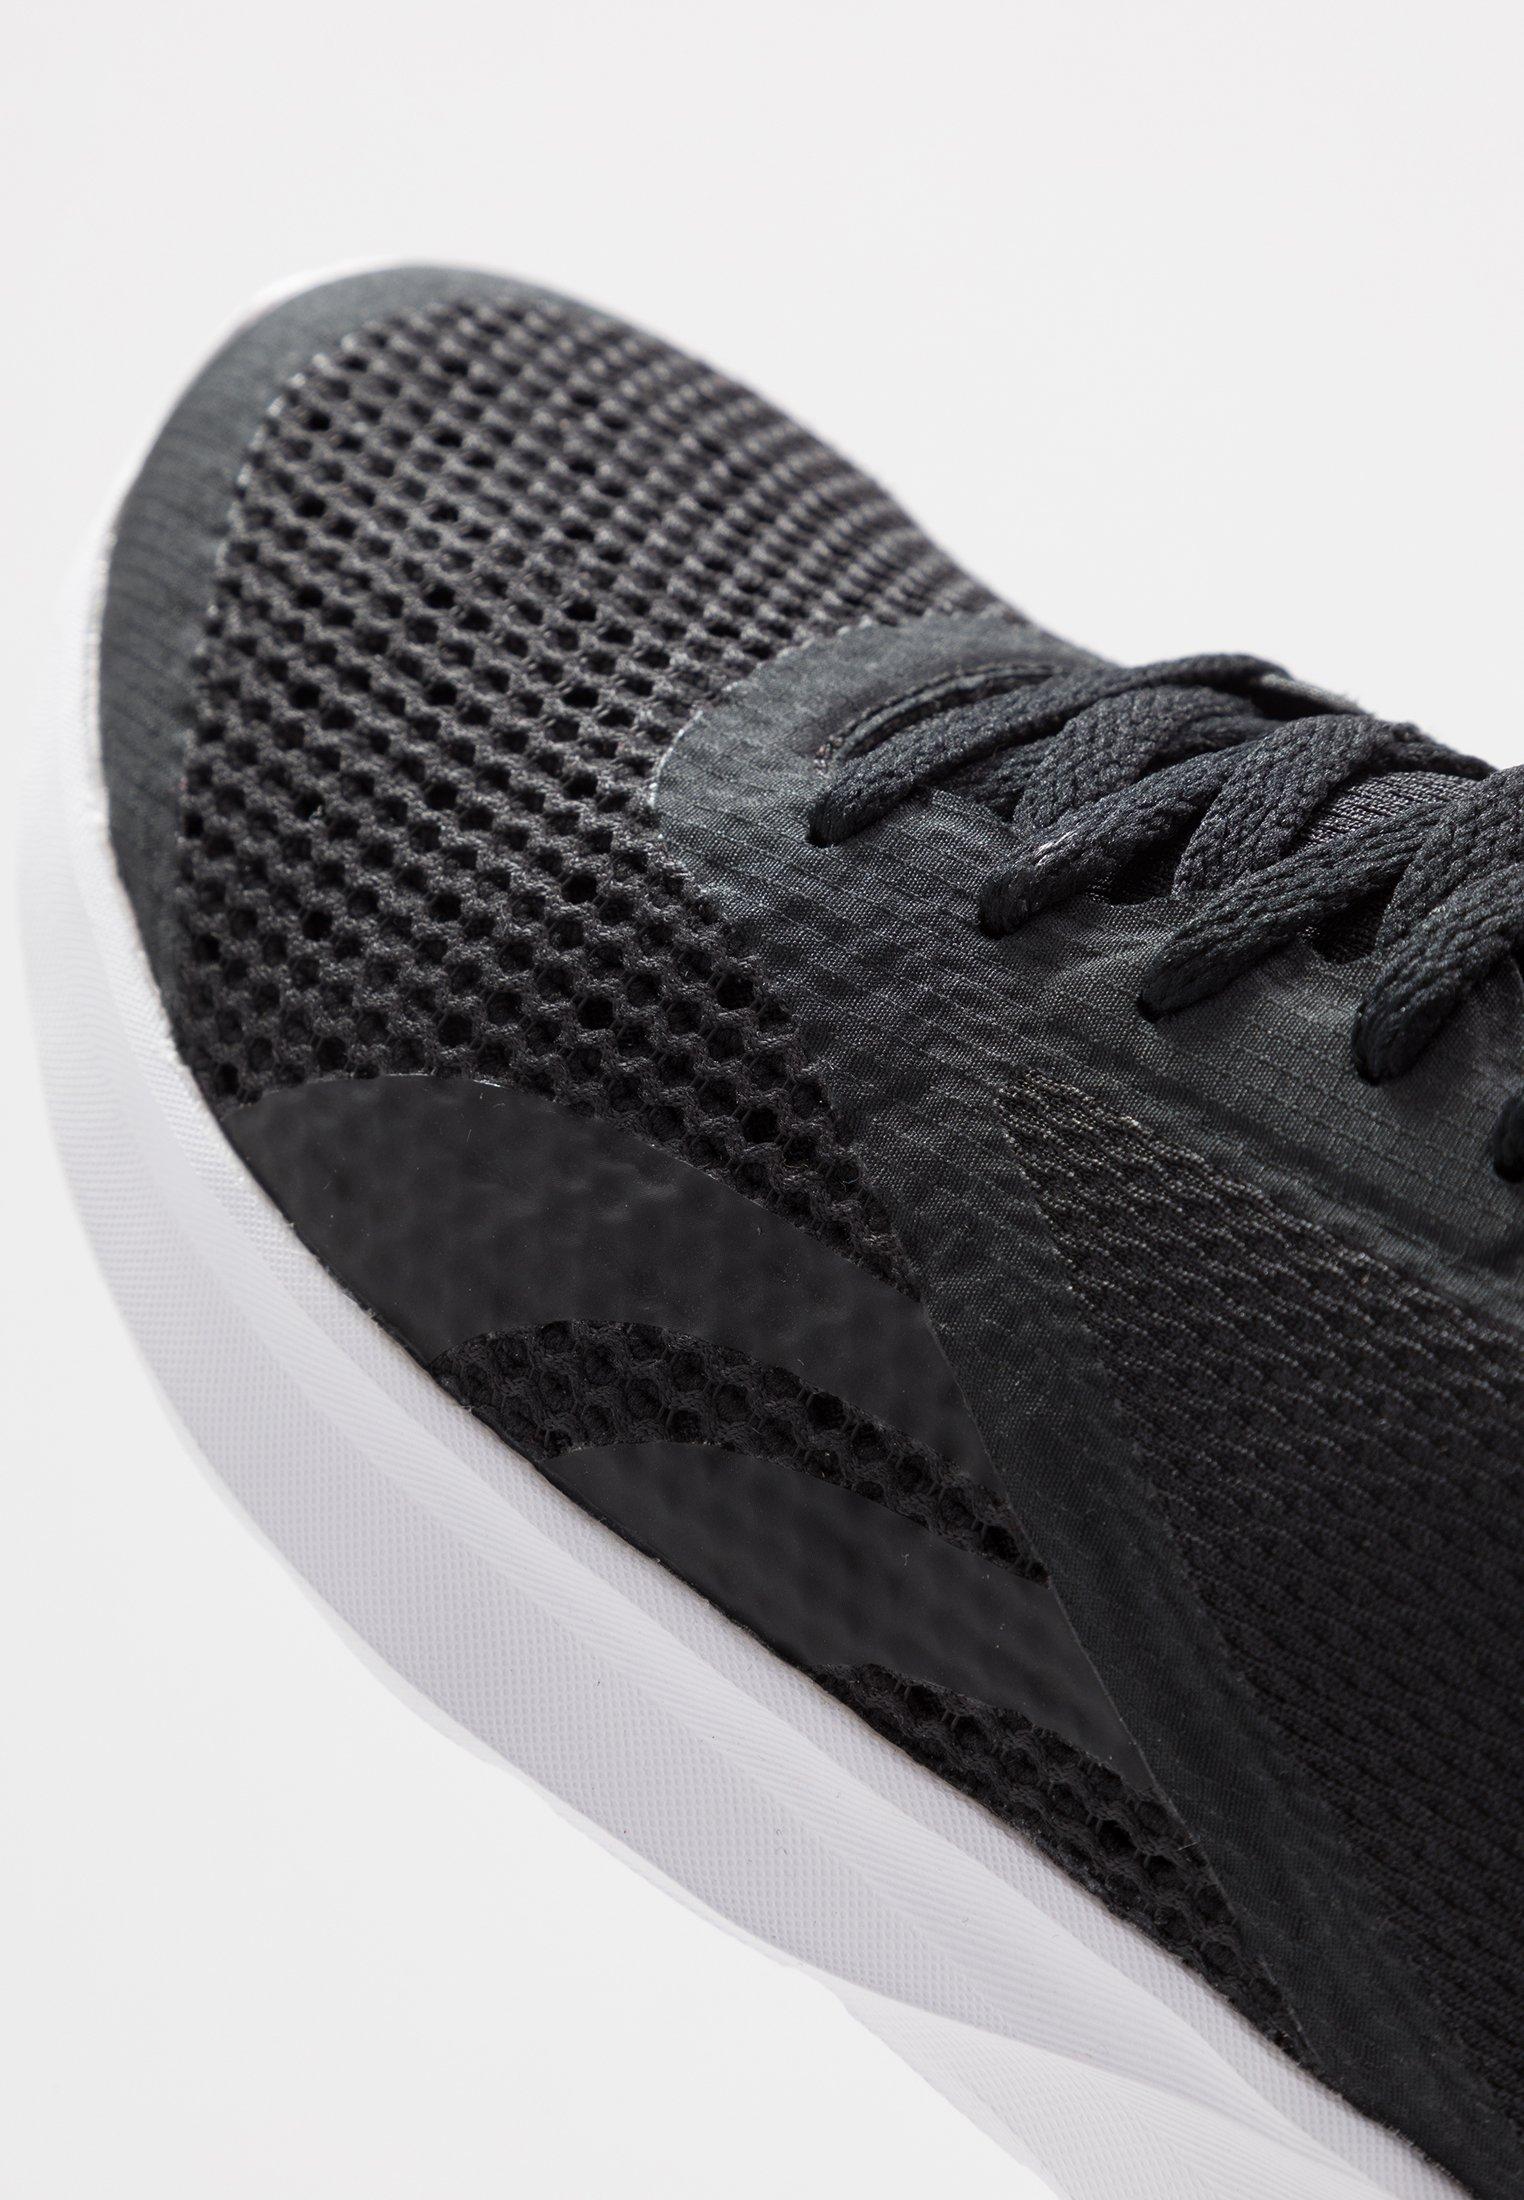 Reebok Speed Breeze 2.0 - Hardloopschoenen Neutraal Black/white/pix Pink Goedkope Schoenen